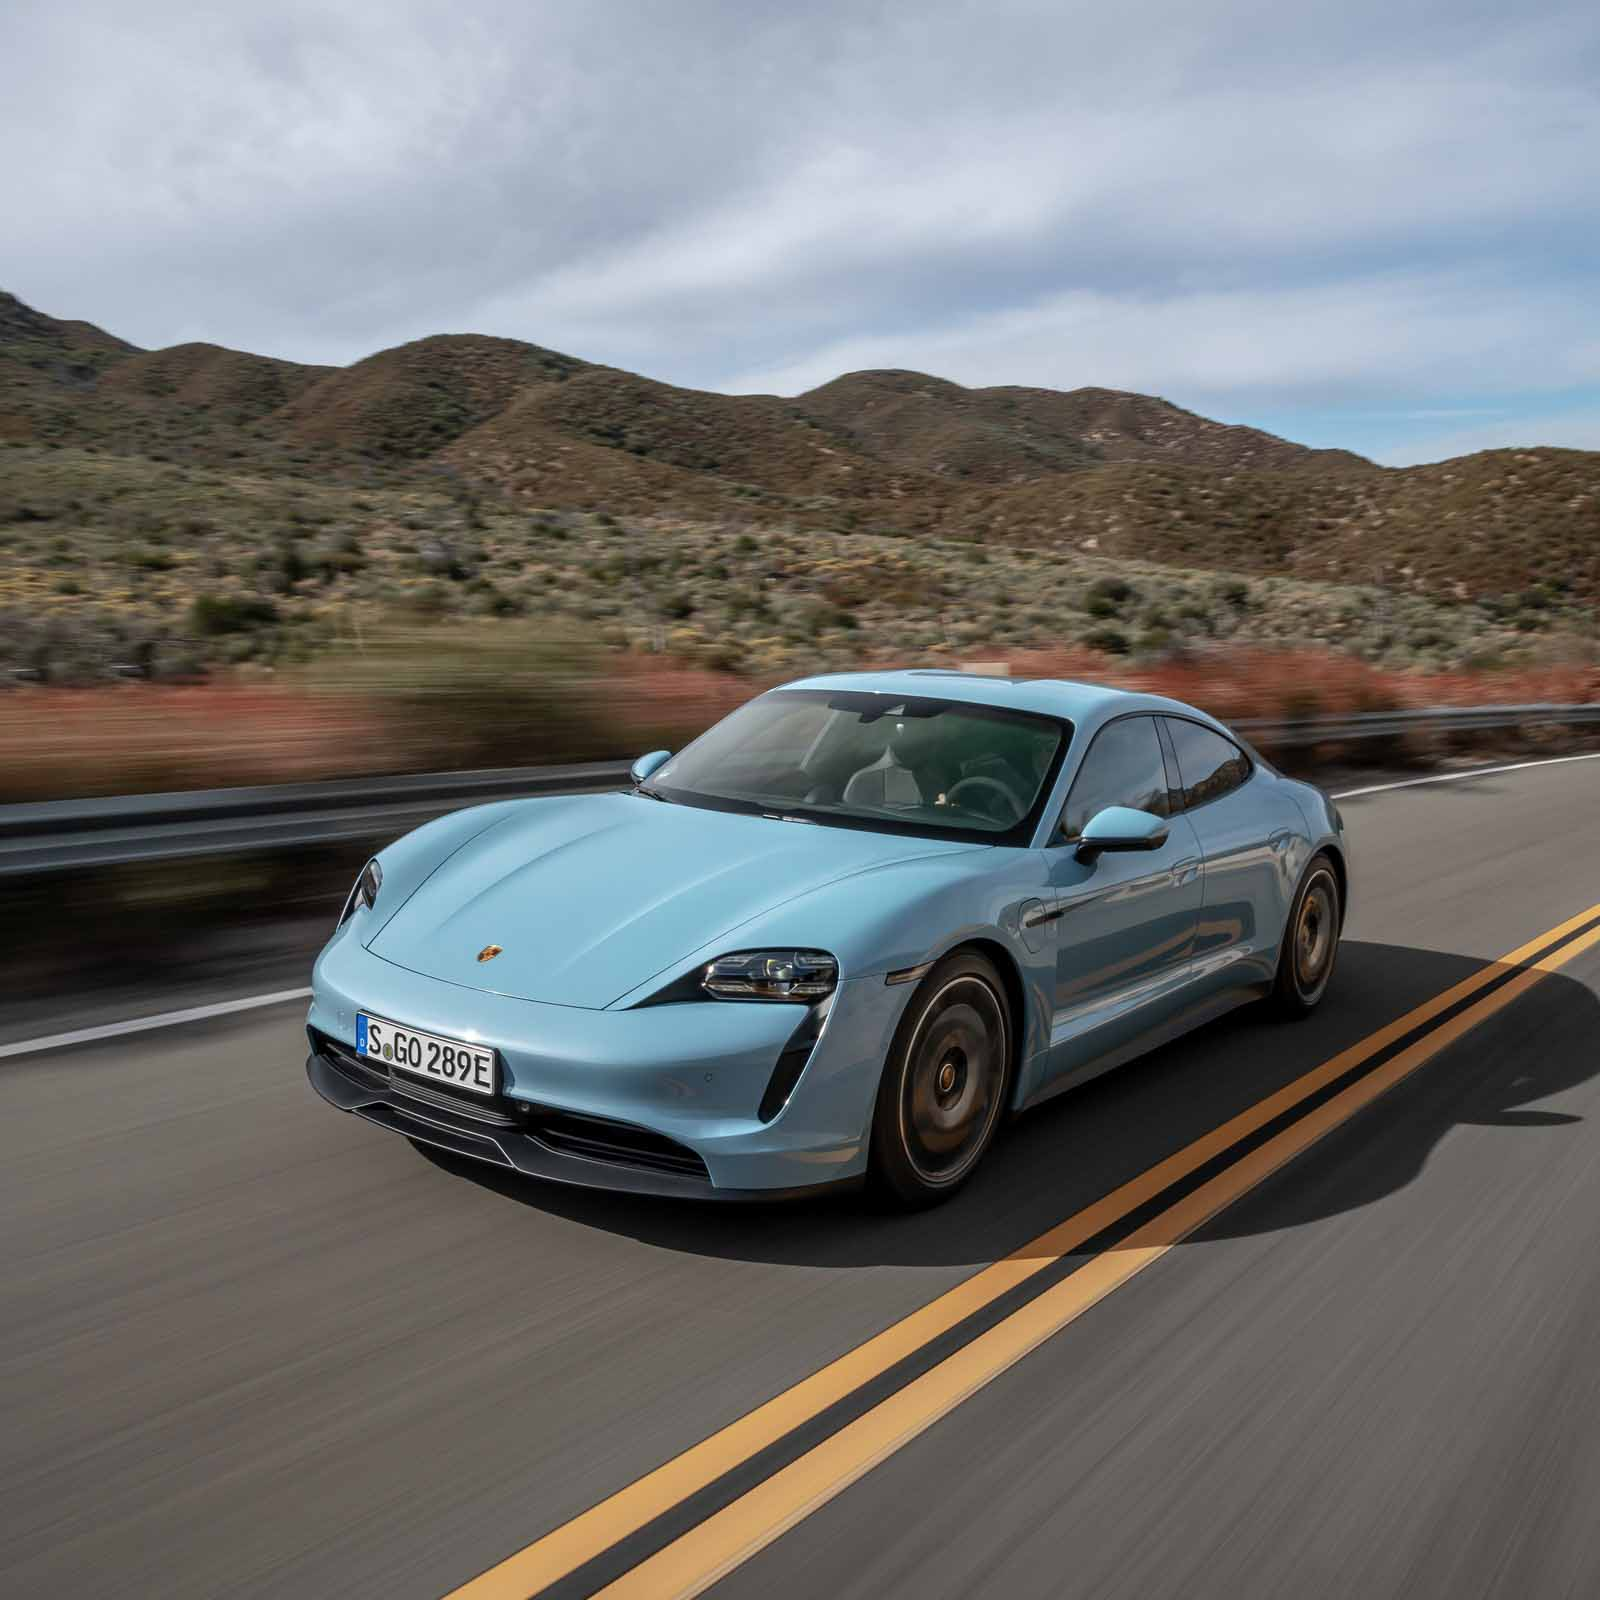 В отчете Tesla говорится, что Porsche Taycan - очень неэффективный электромобиль. Это так?